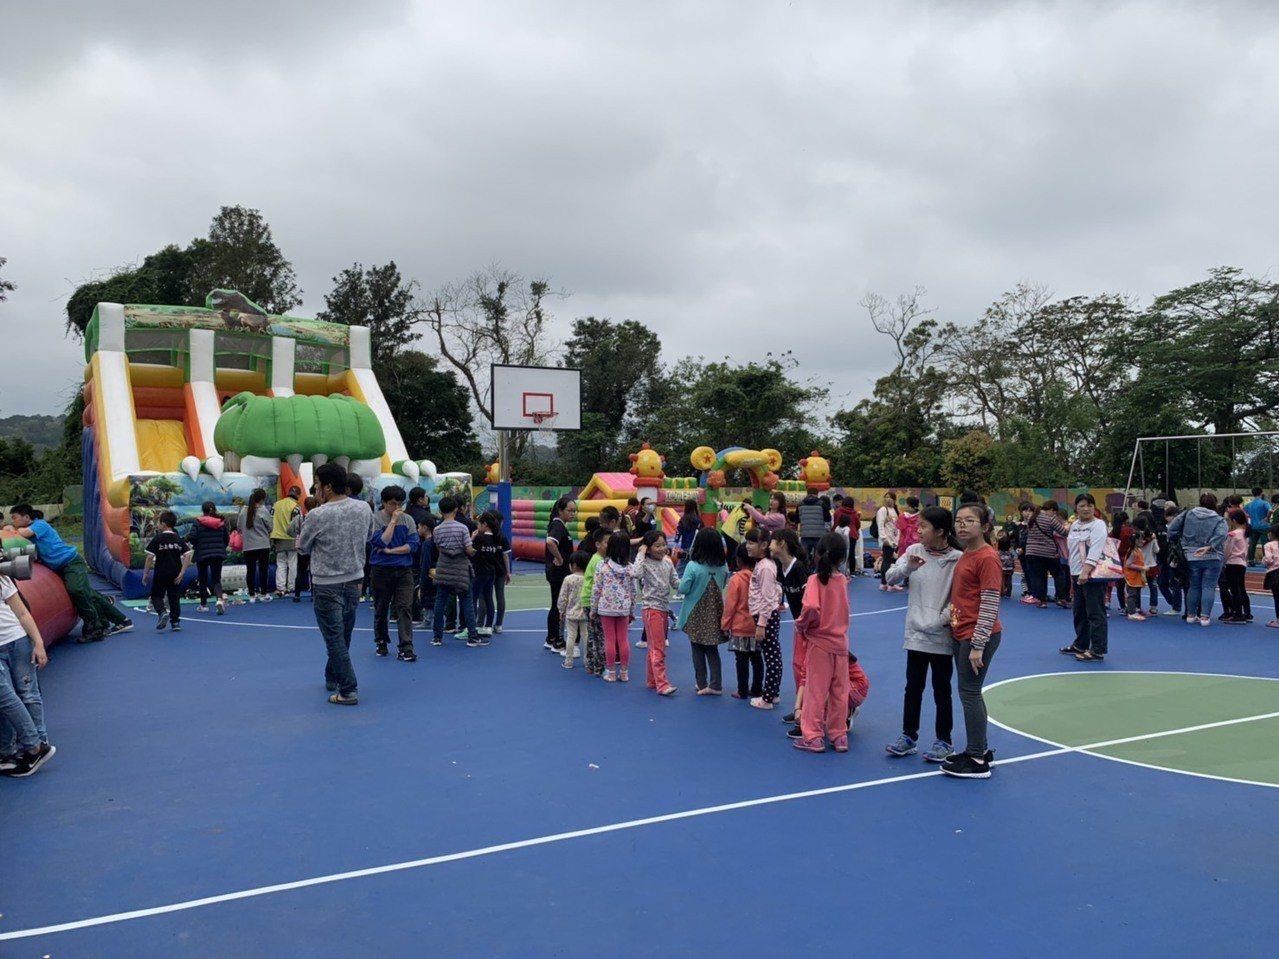 新竹縣北埔鄉公所,在兒童節前一天,將北埔國小操場變身為大型遊樂場,送給孩子們一份...